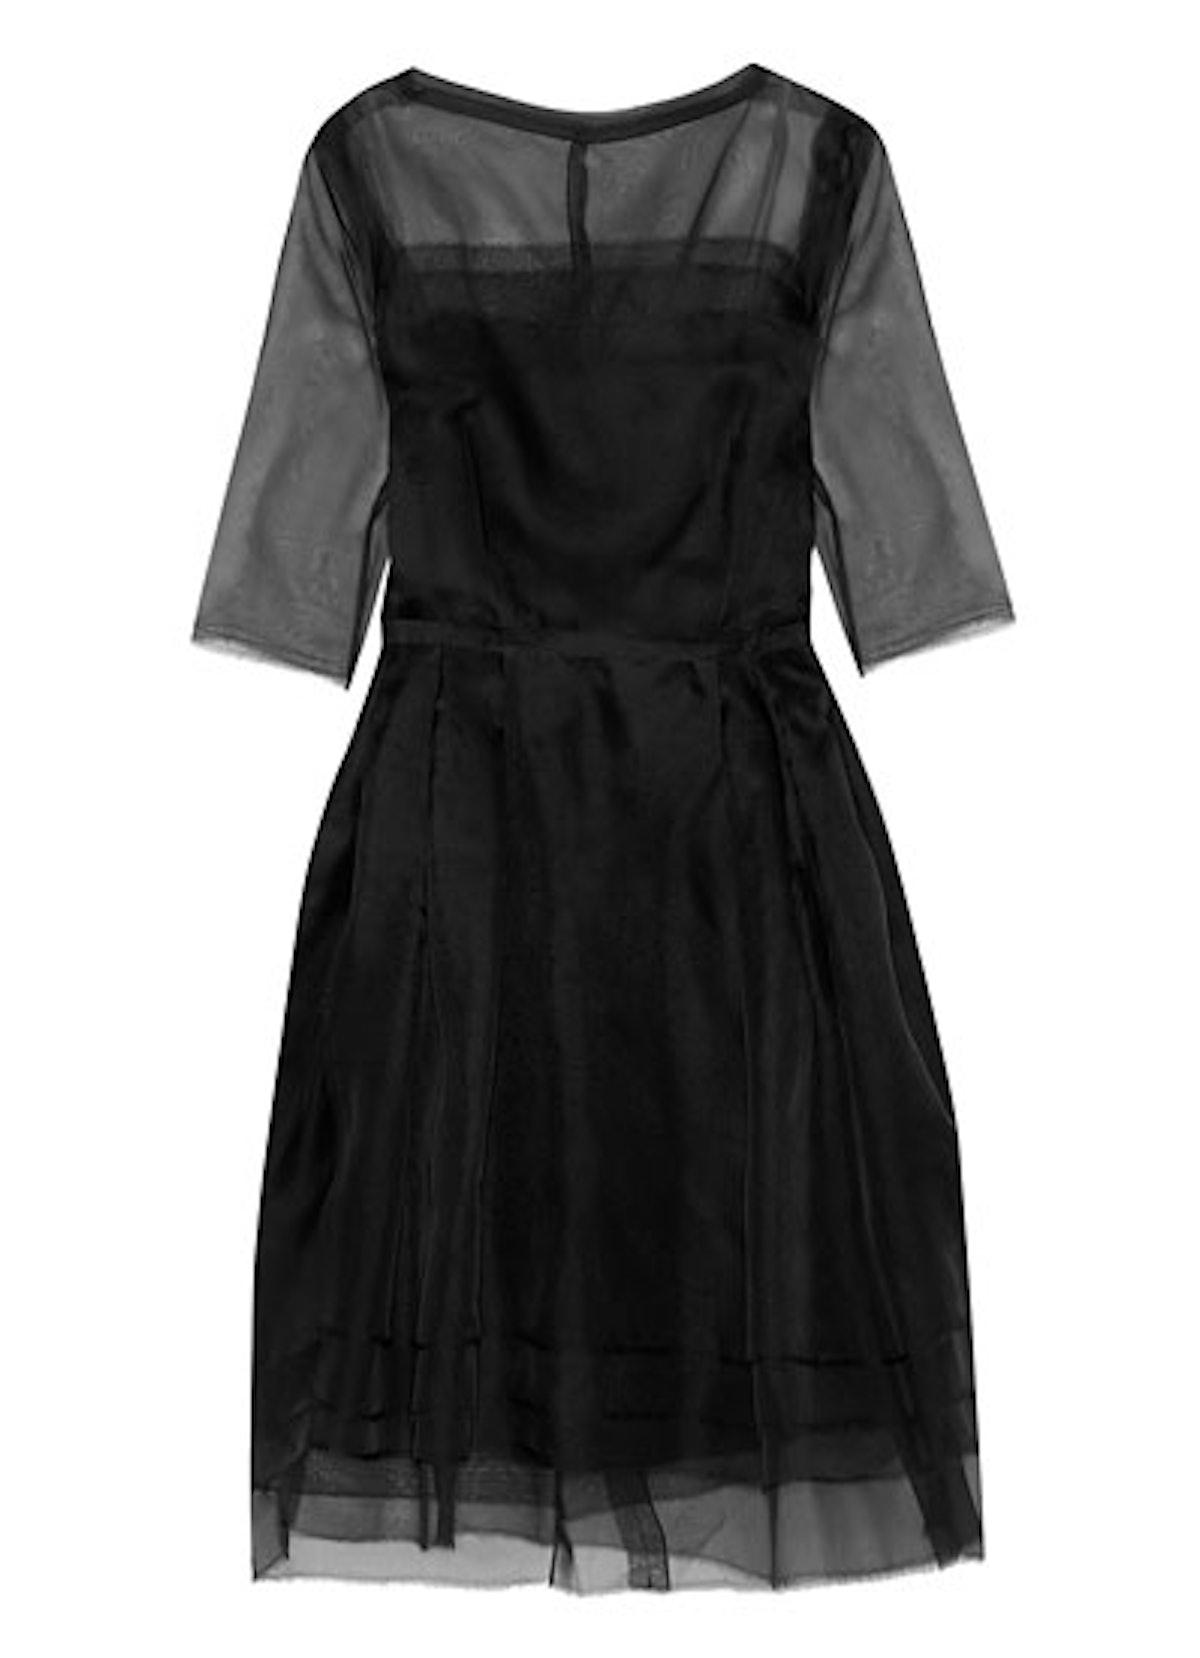 fass-little-black-dresses-06-v.jpg